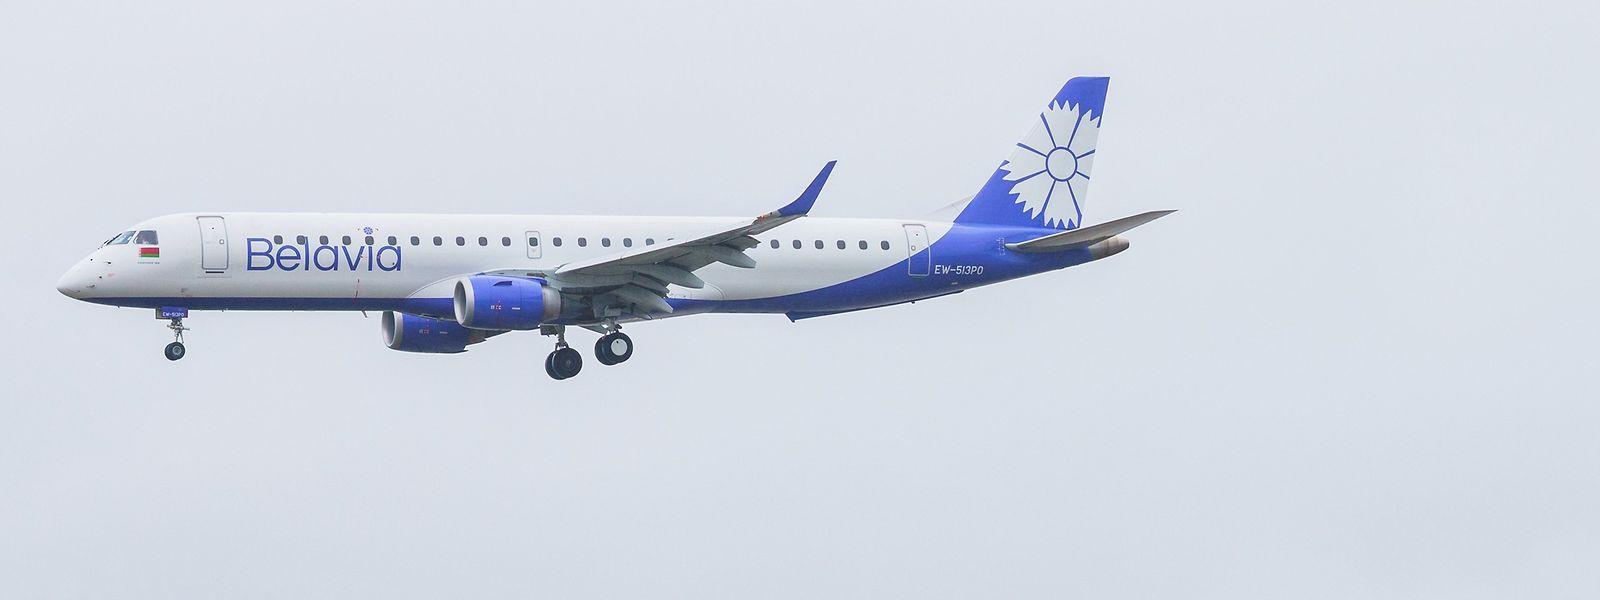 26.05.2021, Frankfurt/Main: Eine Maschine der belarussischen Fluggesellschaft Belavia - Belarusian Airlines setzt zur Landung auf dem Flughafen Frankfurt an.